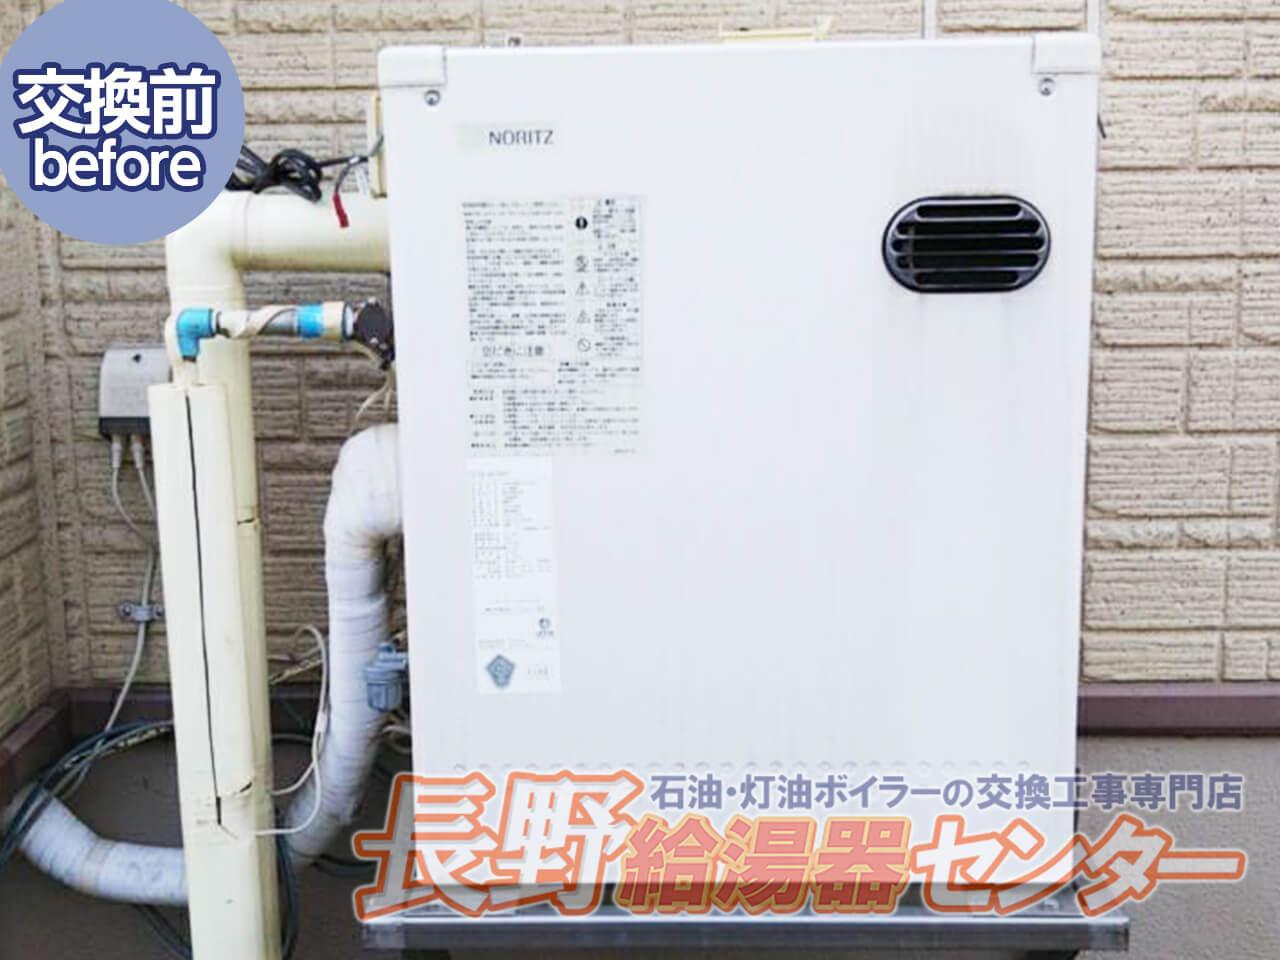 上田市 OTQ-415AYからUKB-EF470FRX5-Sへ交換工事